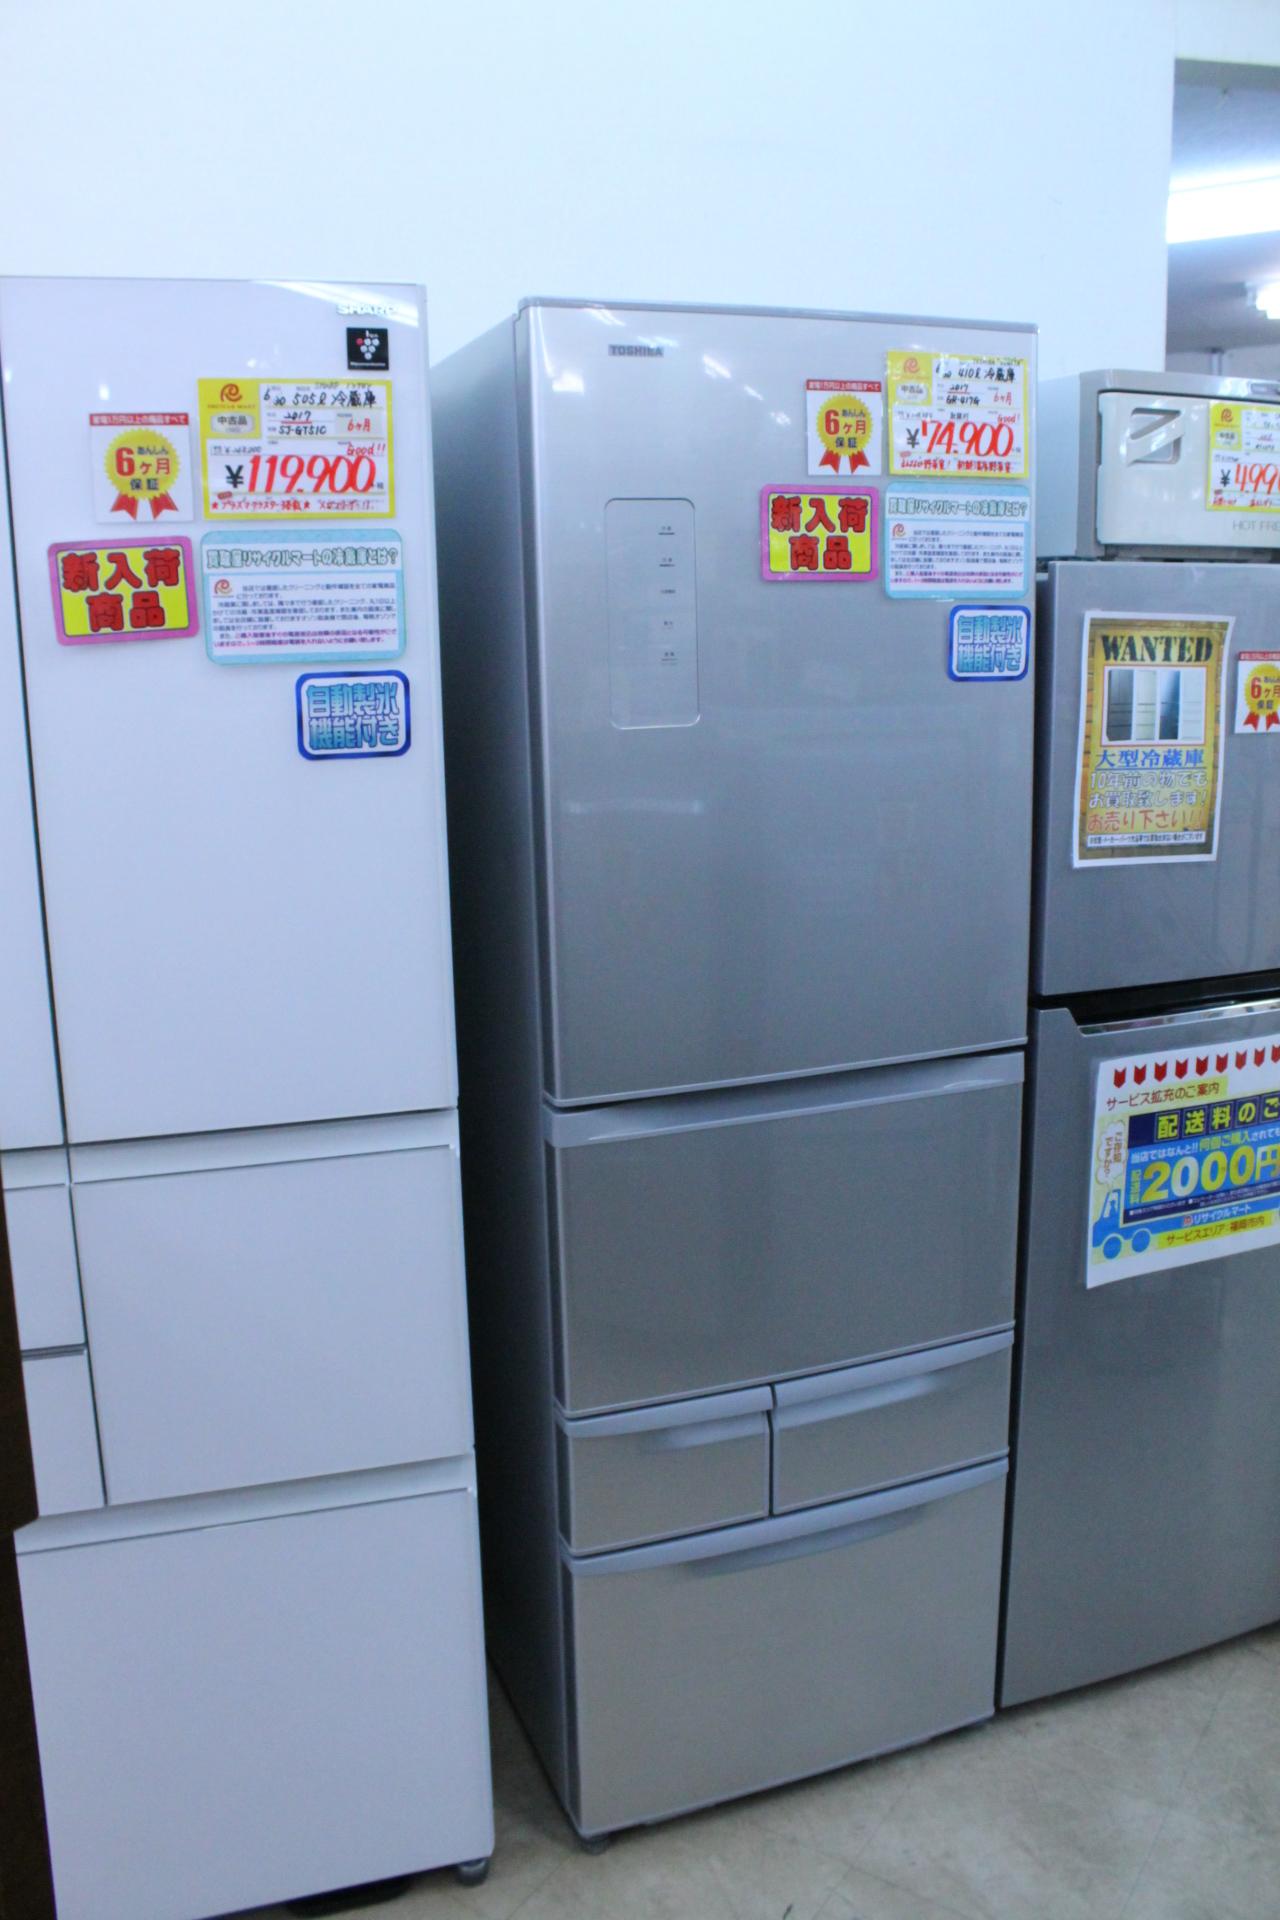 【2017年製 TOSHIBA 東芝 410L 冷蔵庫 大型冷蔵庫 GR-417G 真ん中野菜室 新鮮温度野菜室】を買取させて頂きました!の買取-